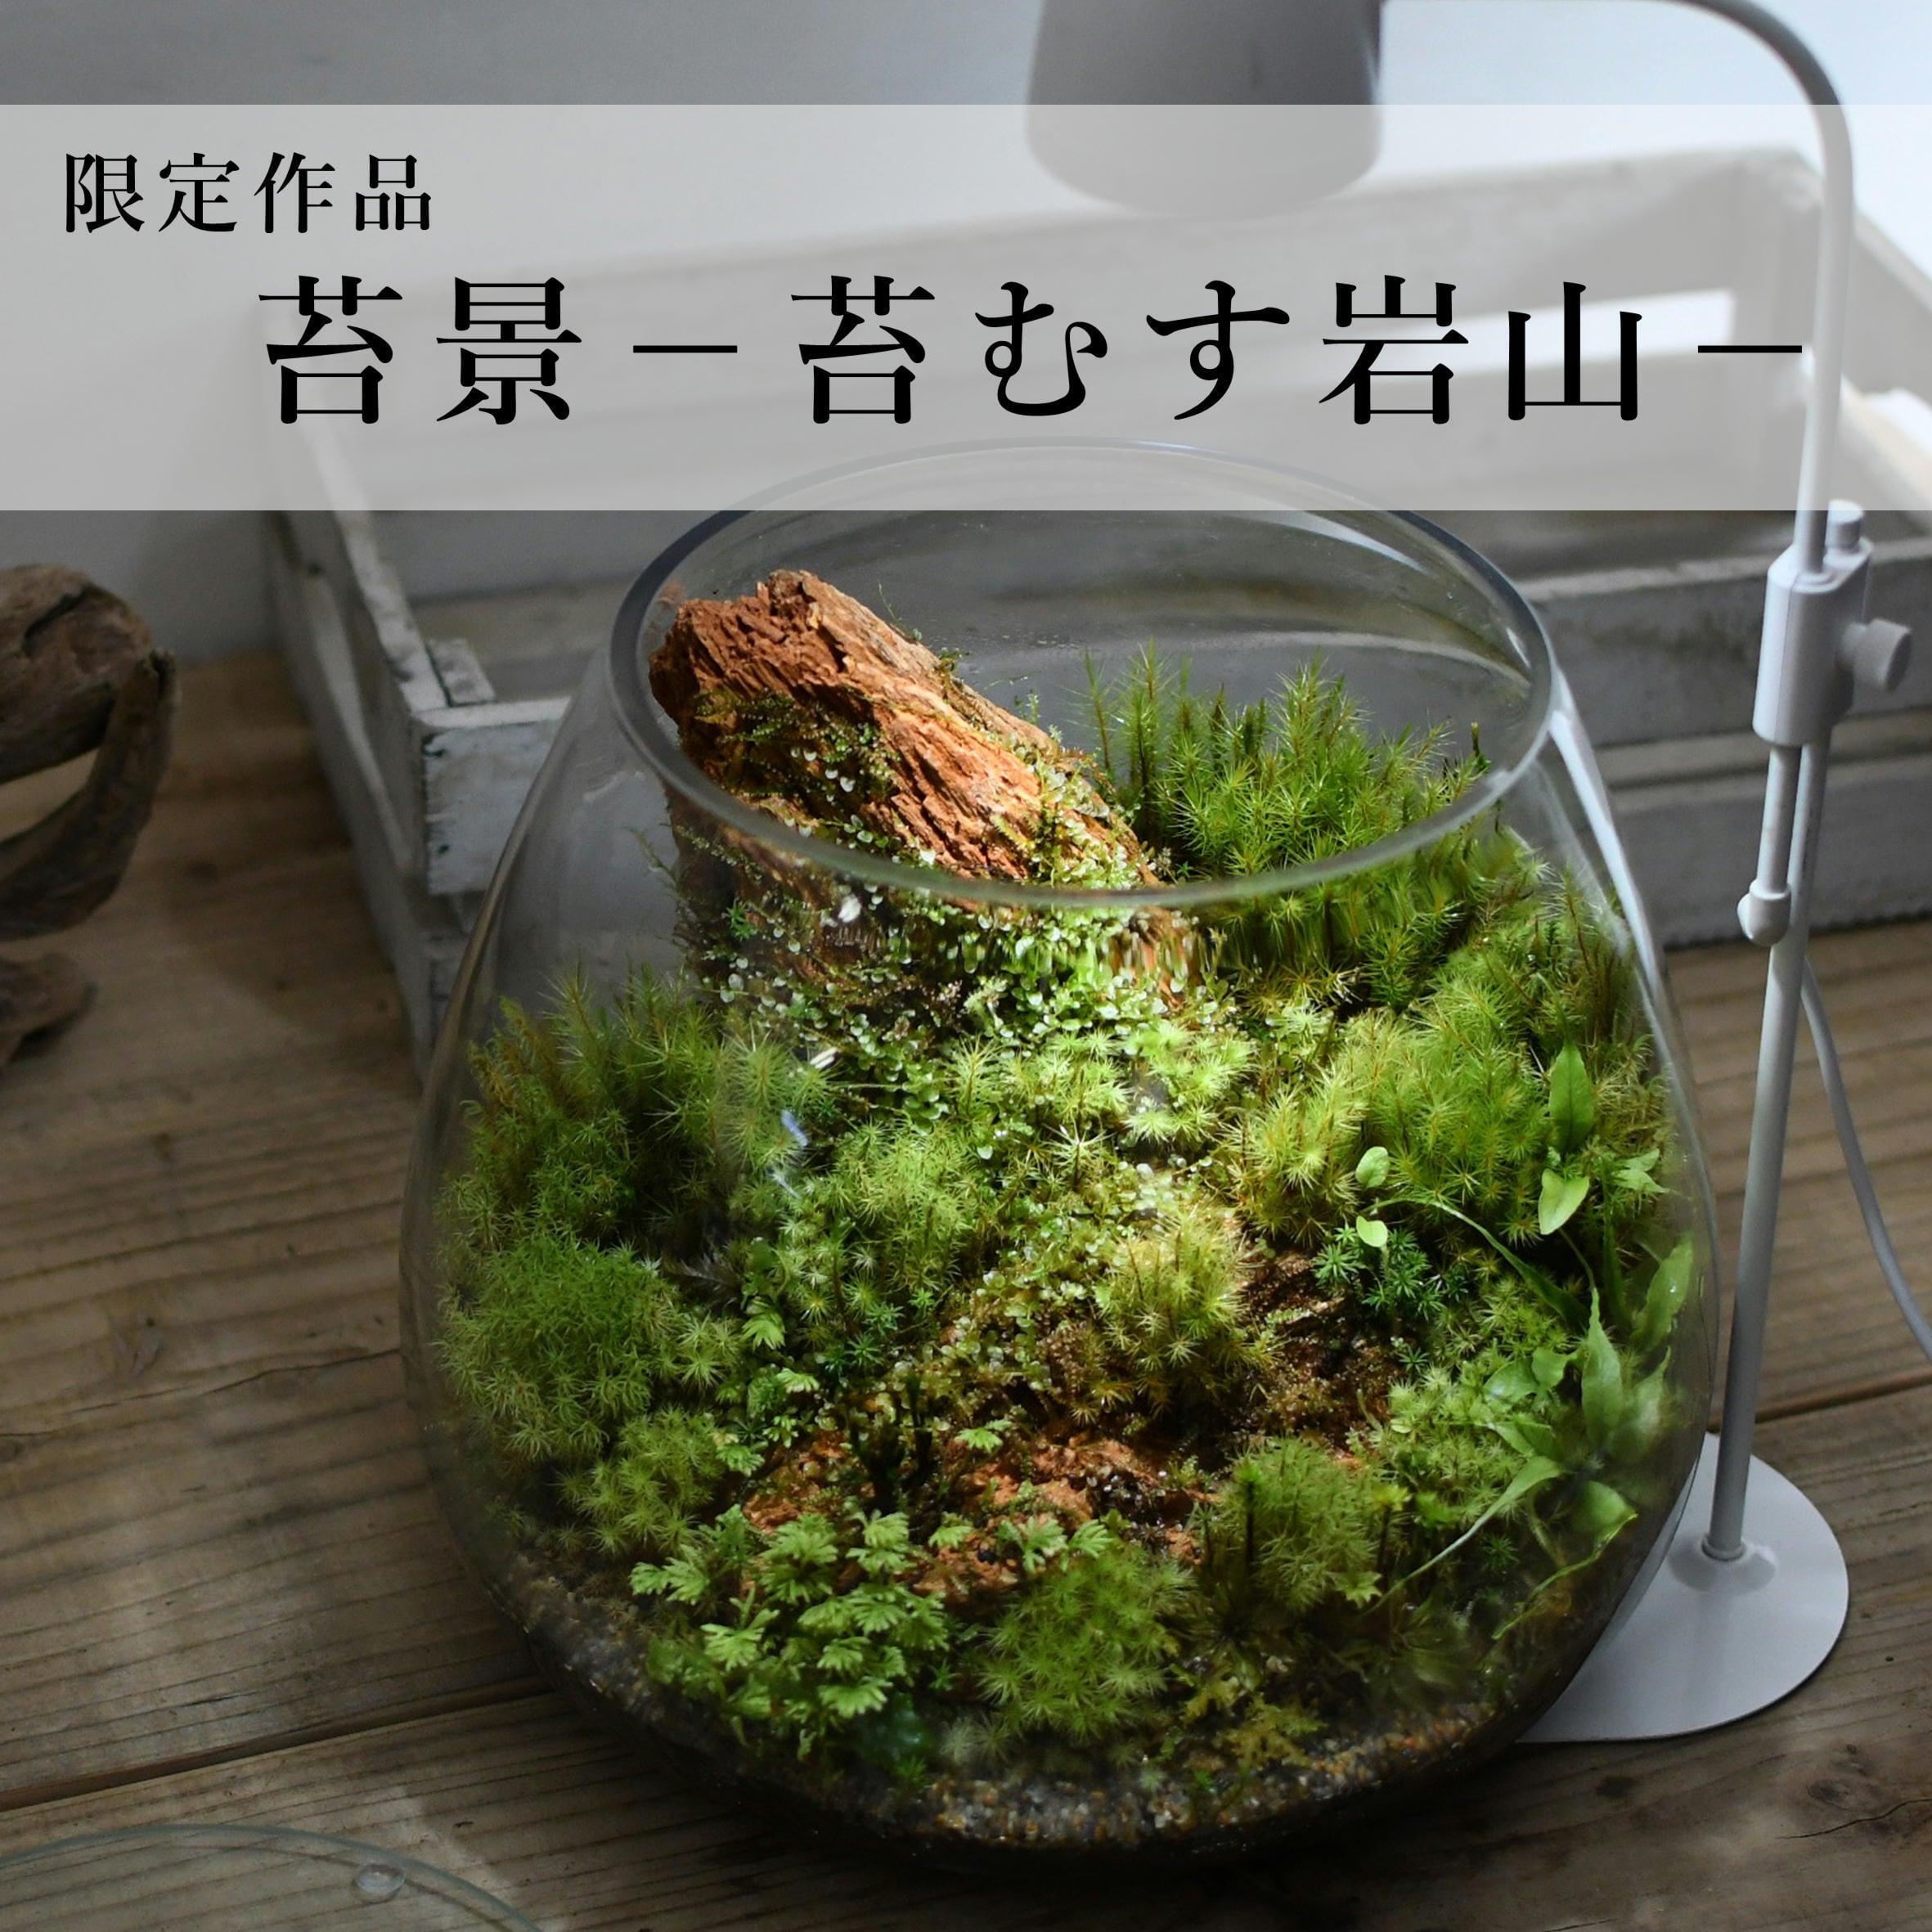 苔景−苔むす岩山−【苔テラリウム・現物限定販売】